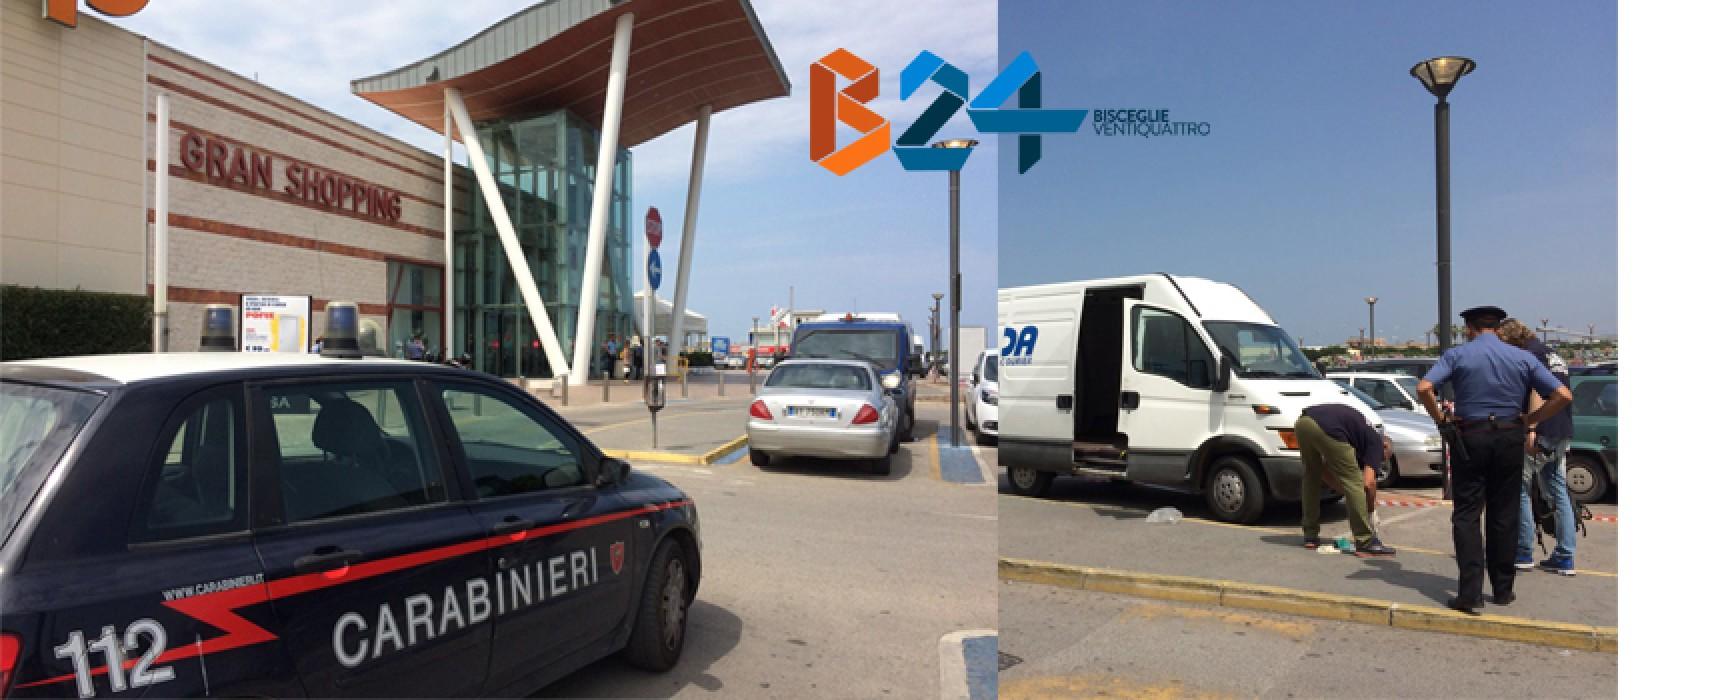 Paura al Gran Shopping Mongolfiera: assalto al portavalori, feriti due agenti / FOTO